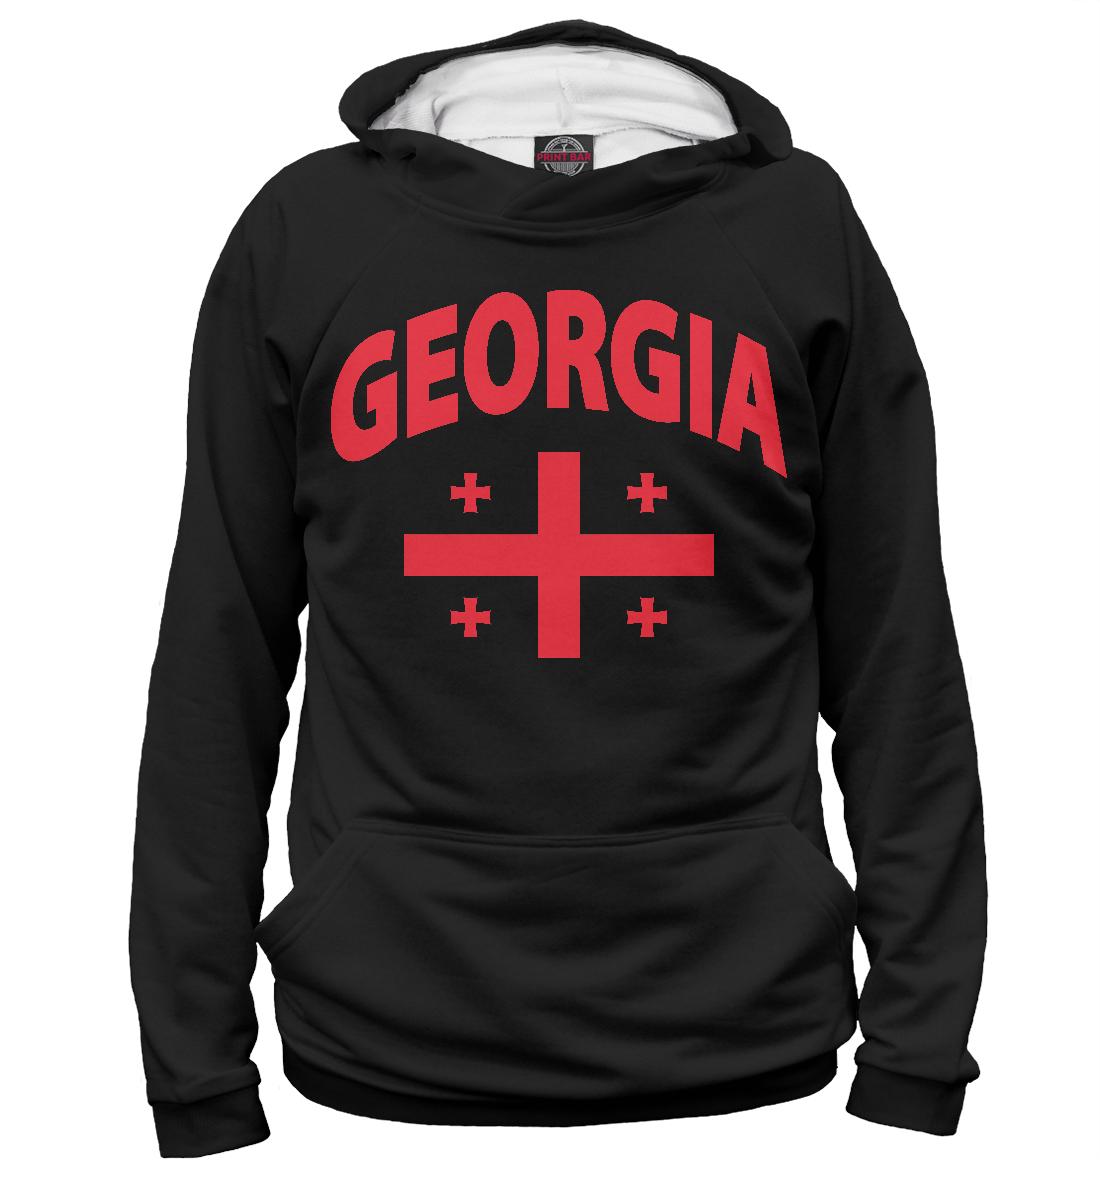 Грузия анастасия хатиашвили грузия такая грузия